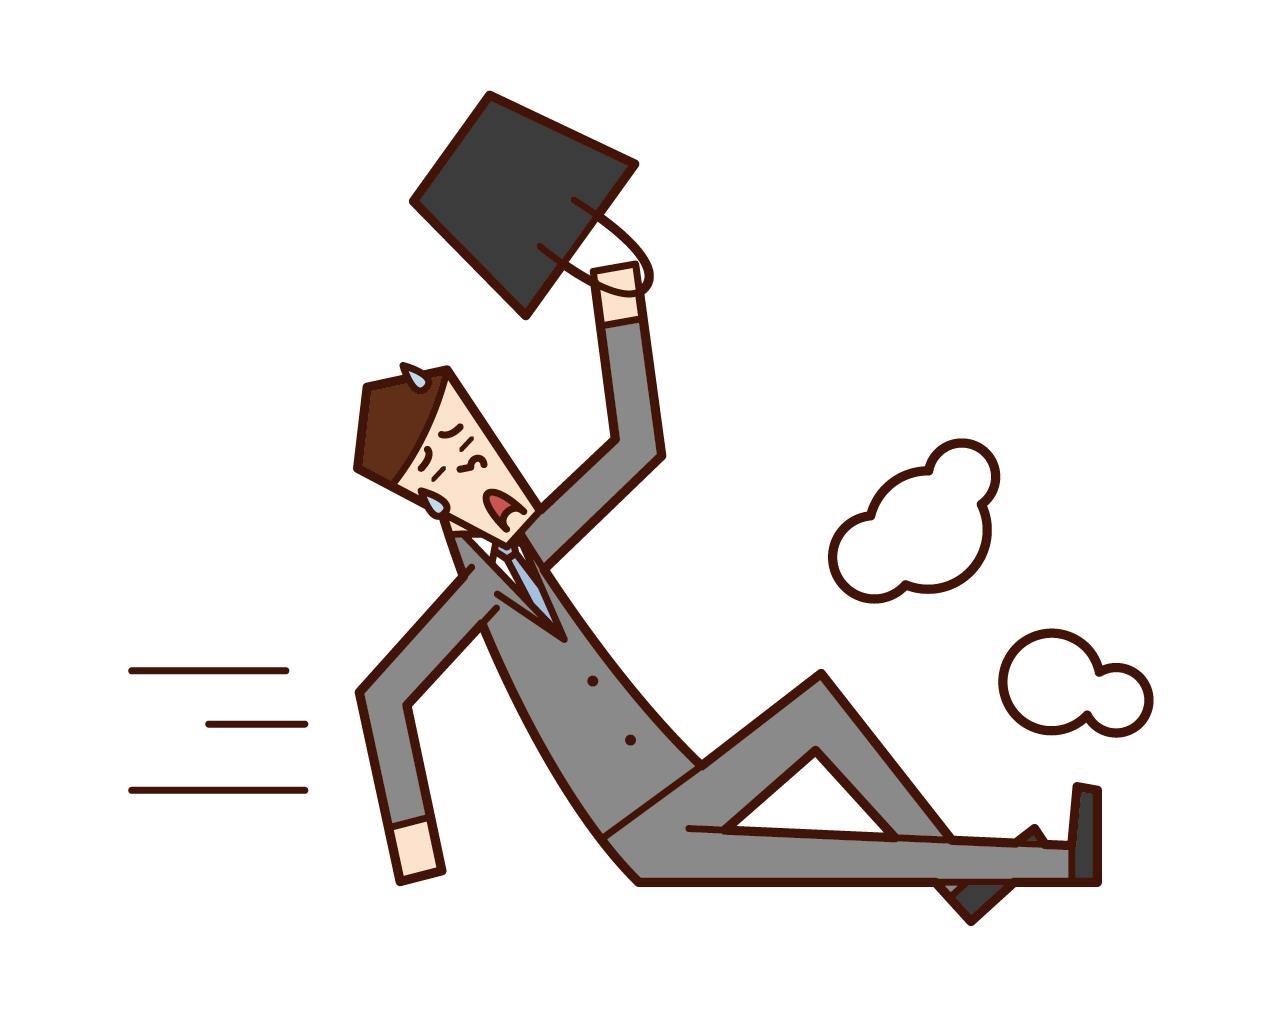 遅刻しそうになって滑り込む人(男性)のイラスト